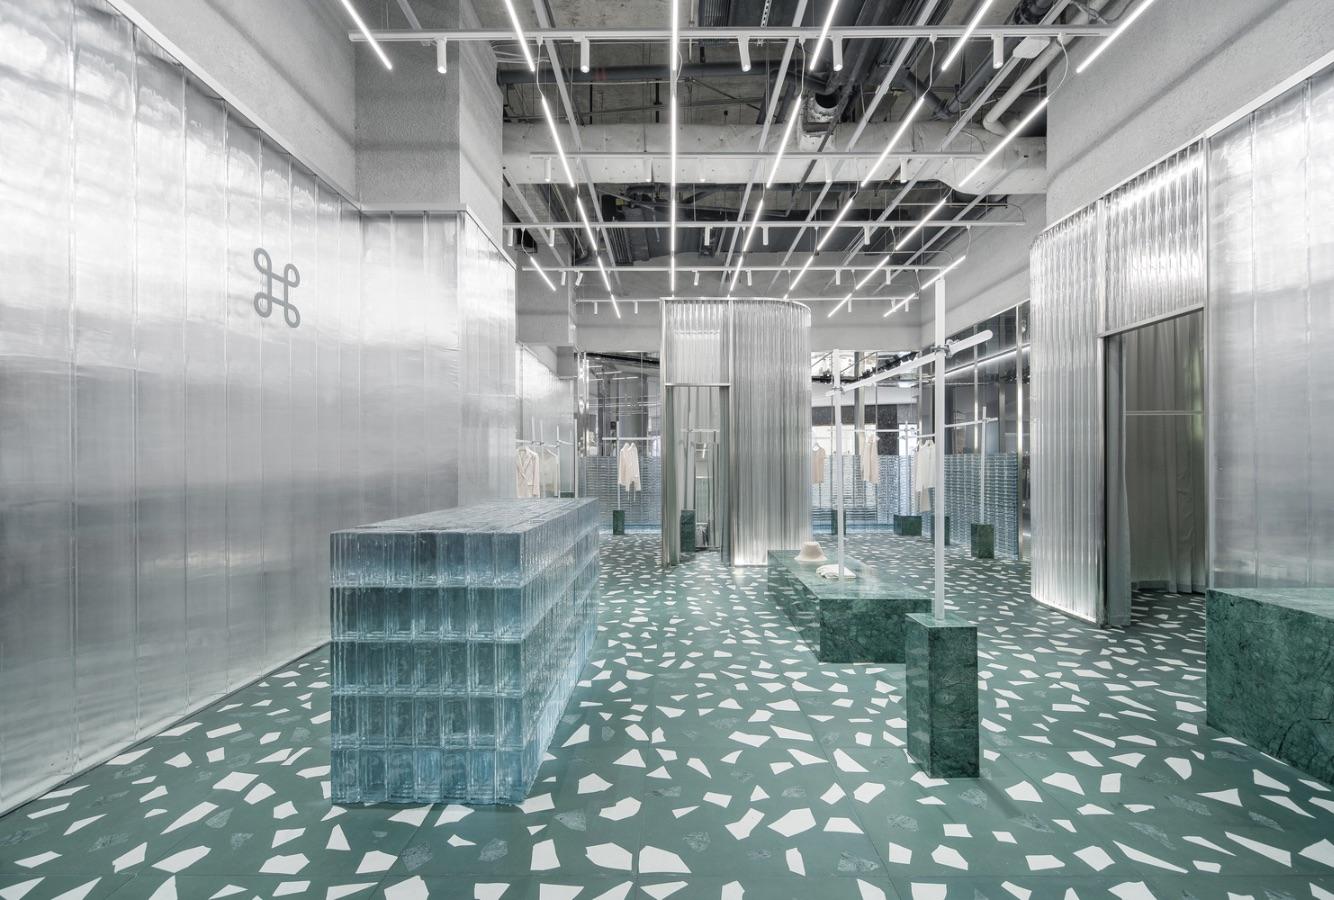 1_Geijoeng Concept Store_Studio 10_Inspirationist